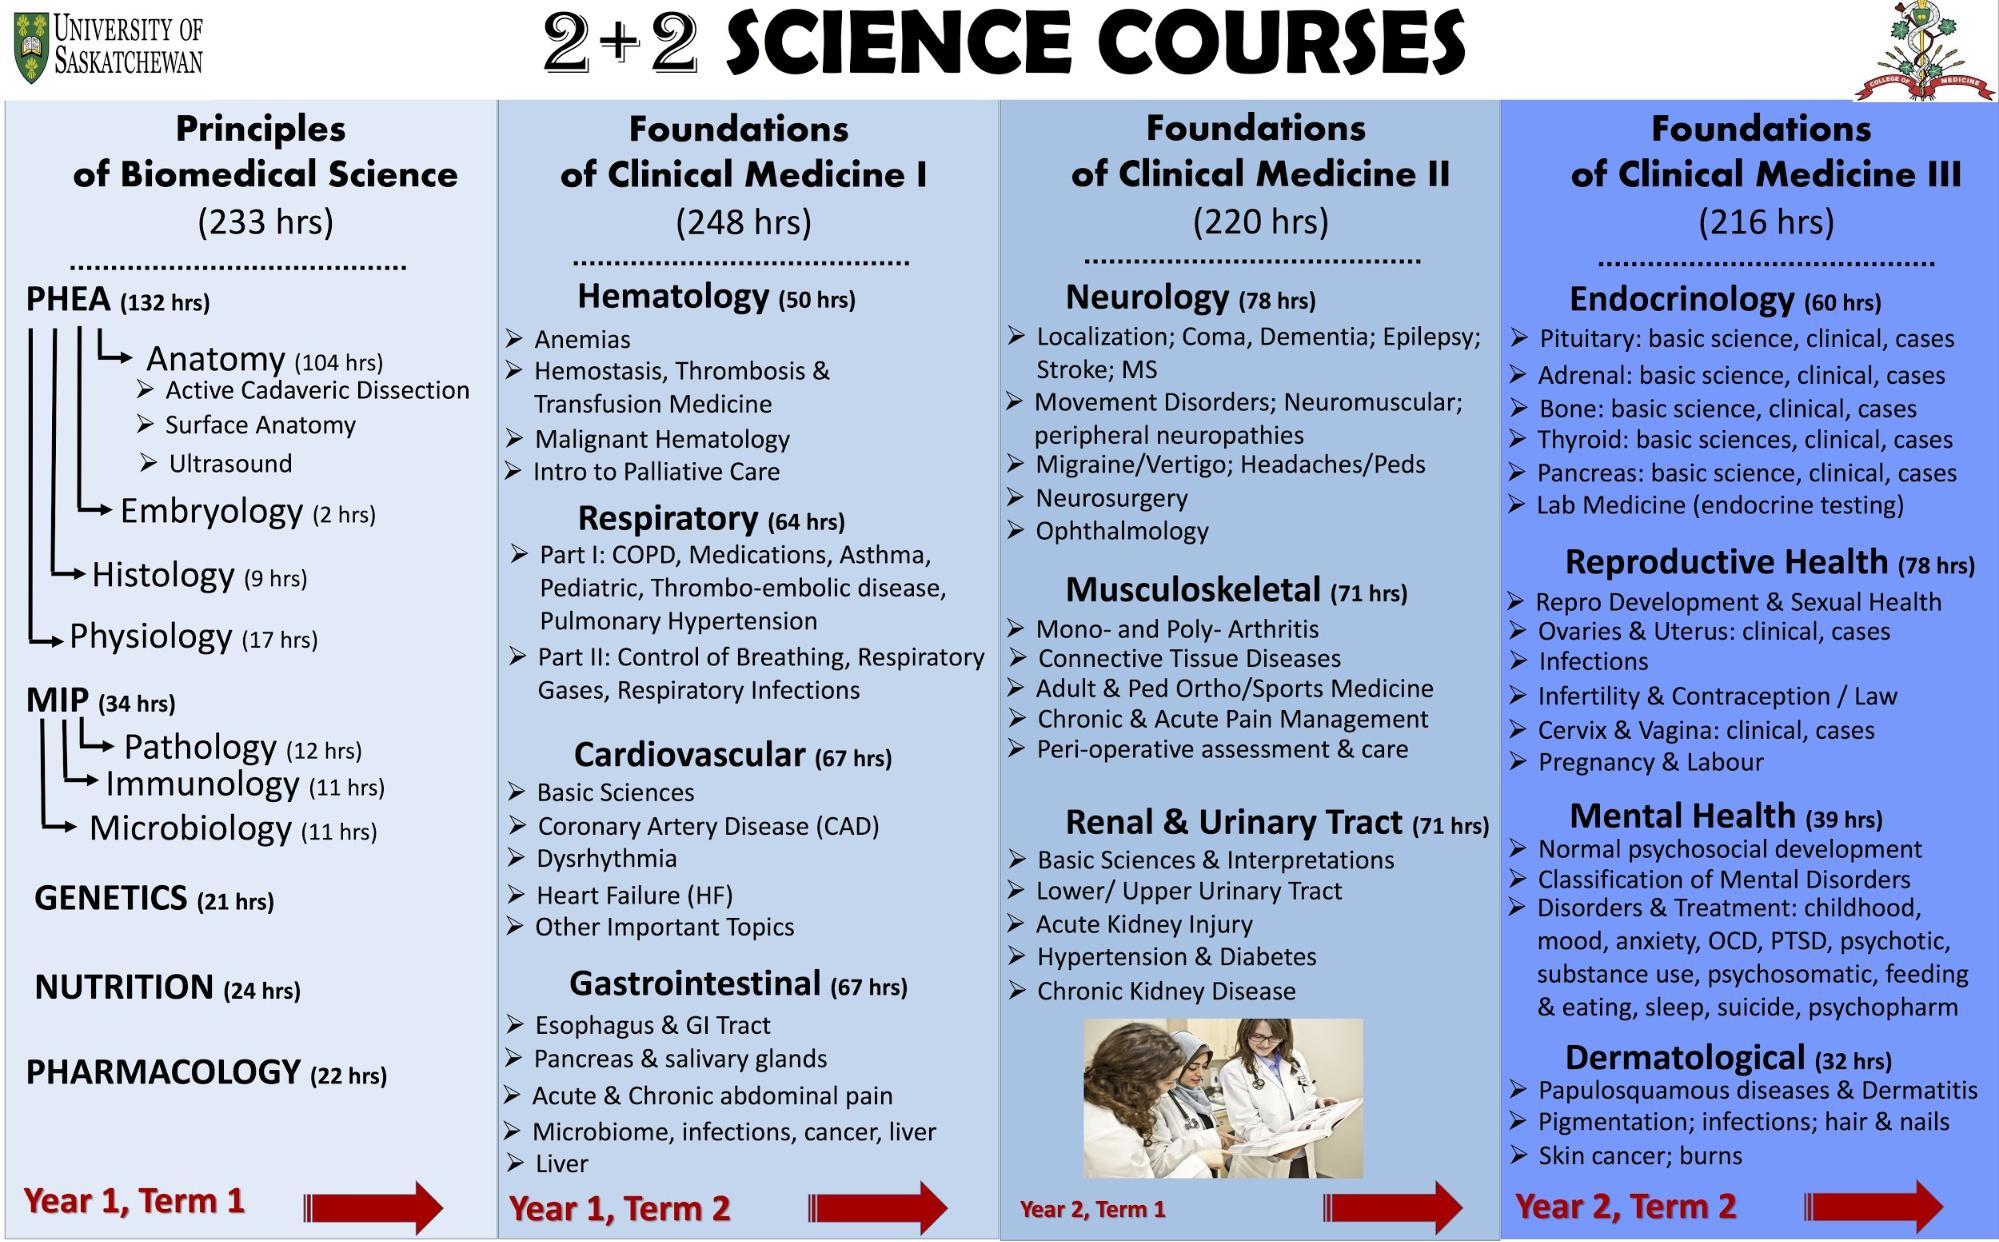 2 + 2 Curriculum – Student Medical Society of Saskatchewan